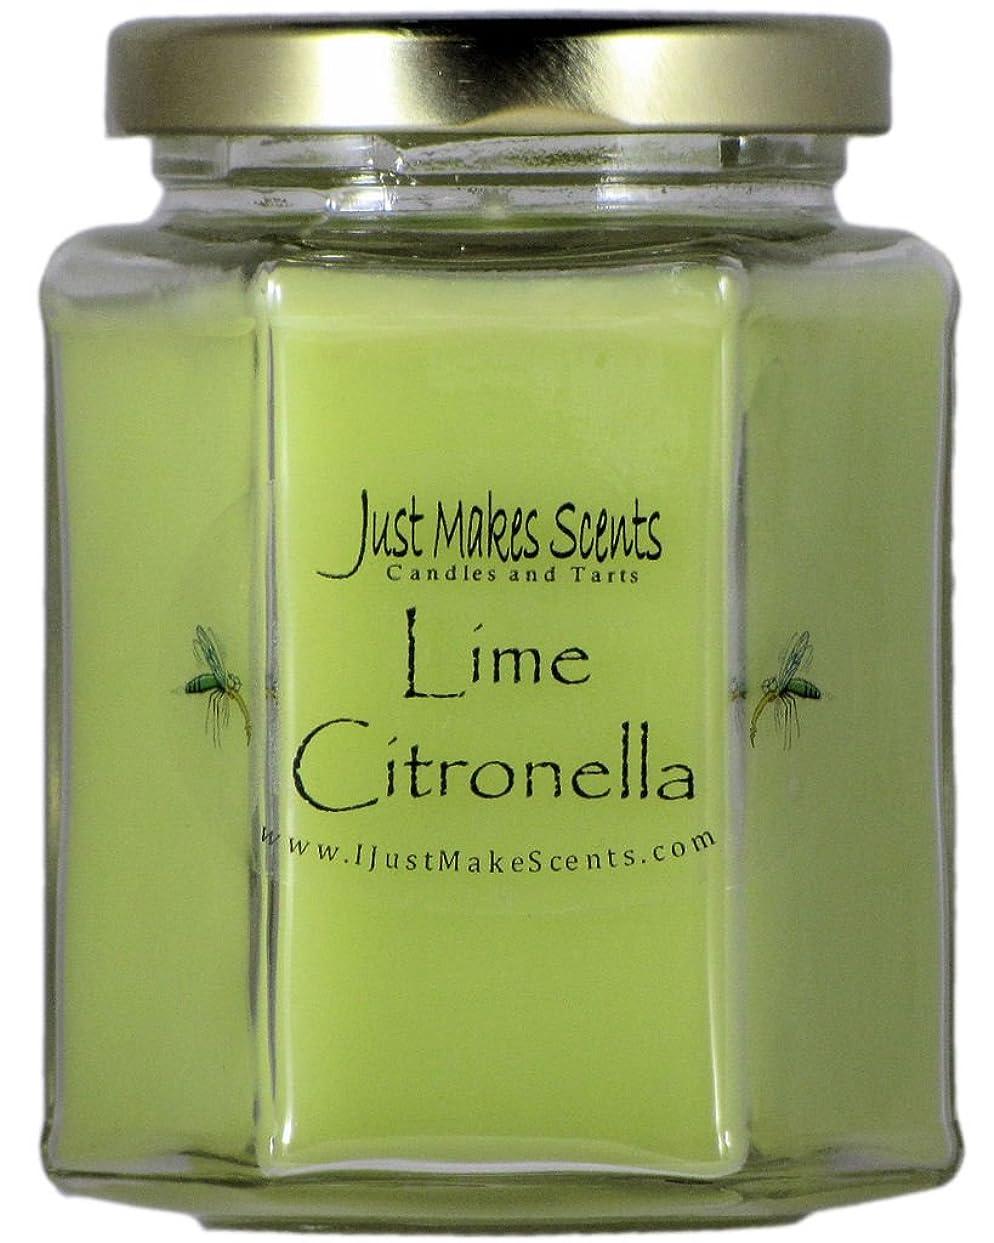 パッチ洞察力のある埋め込むシトロネラ(虫除け)香りつきBlended Soy Candle屋内使用だけでMakes Scents CS-663H-A4VP